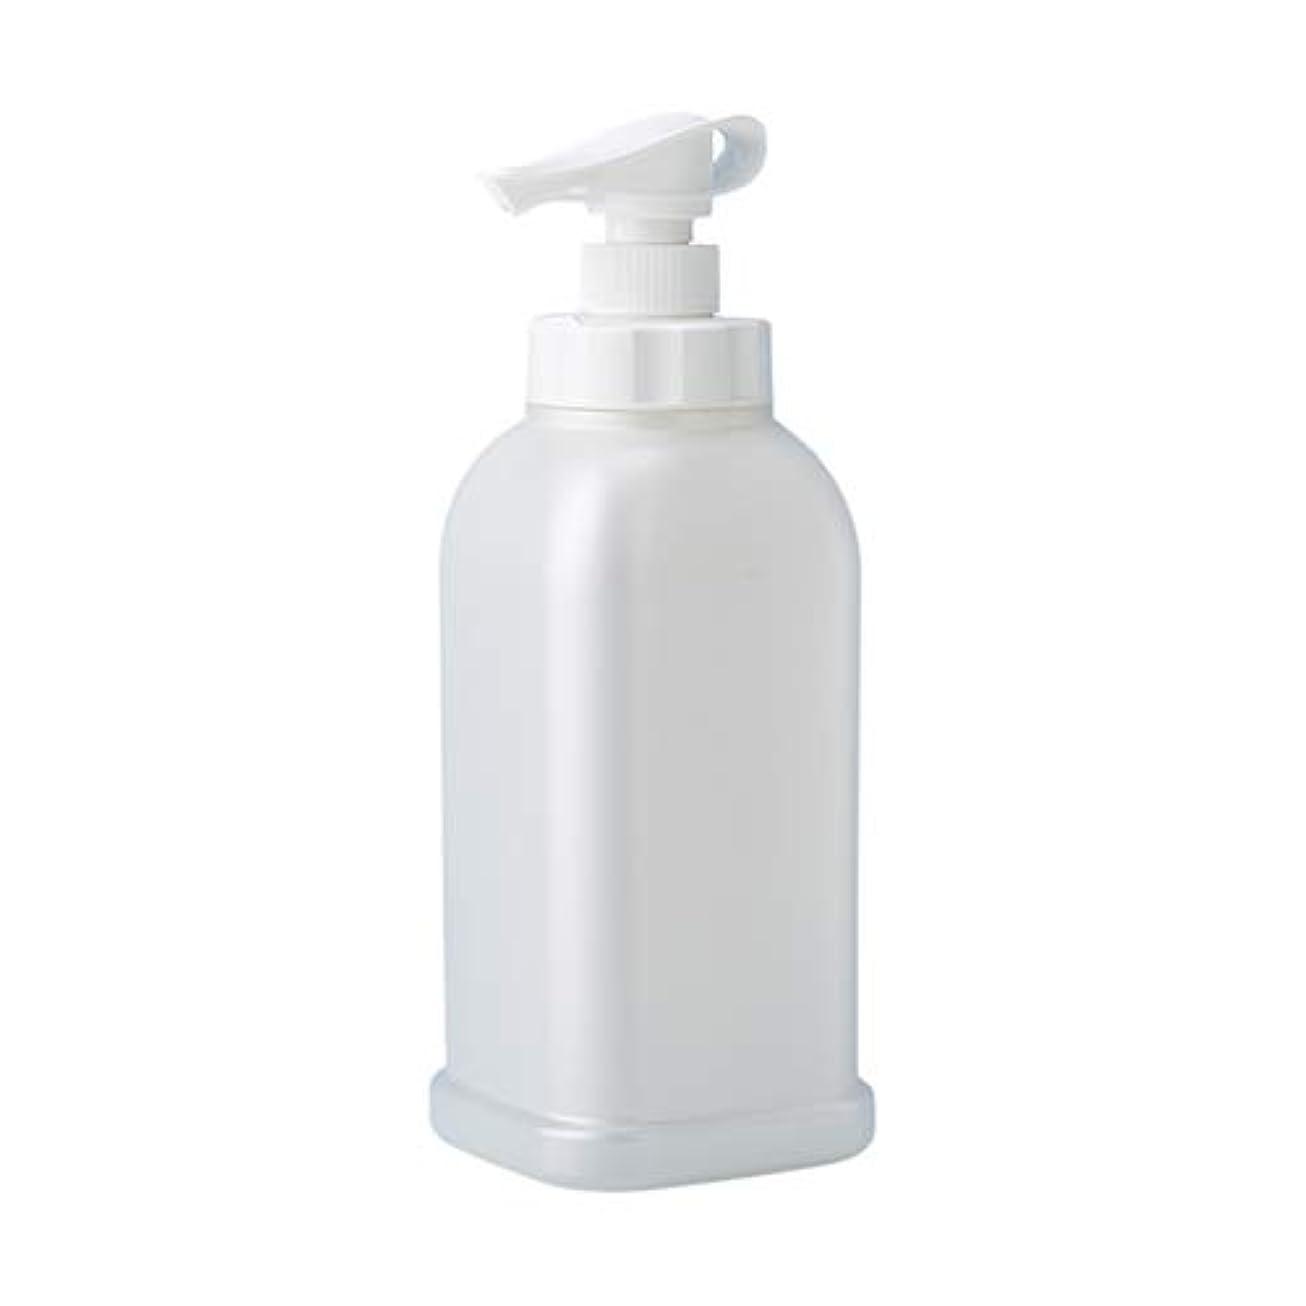 隠スキムレタス安定感のある ポンプボトル シャンプー コンディショナー リンス ボディソープ ハンドソープ 1.2L詰め替え容器 パールホワイト